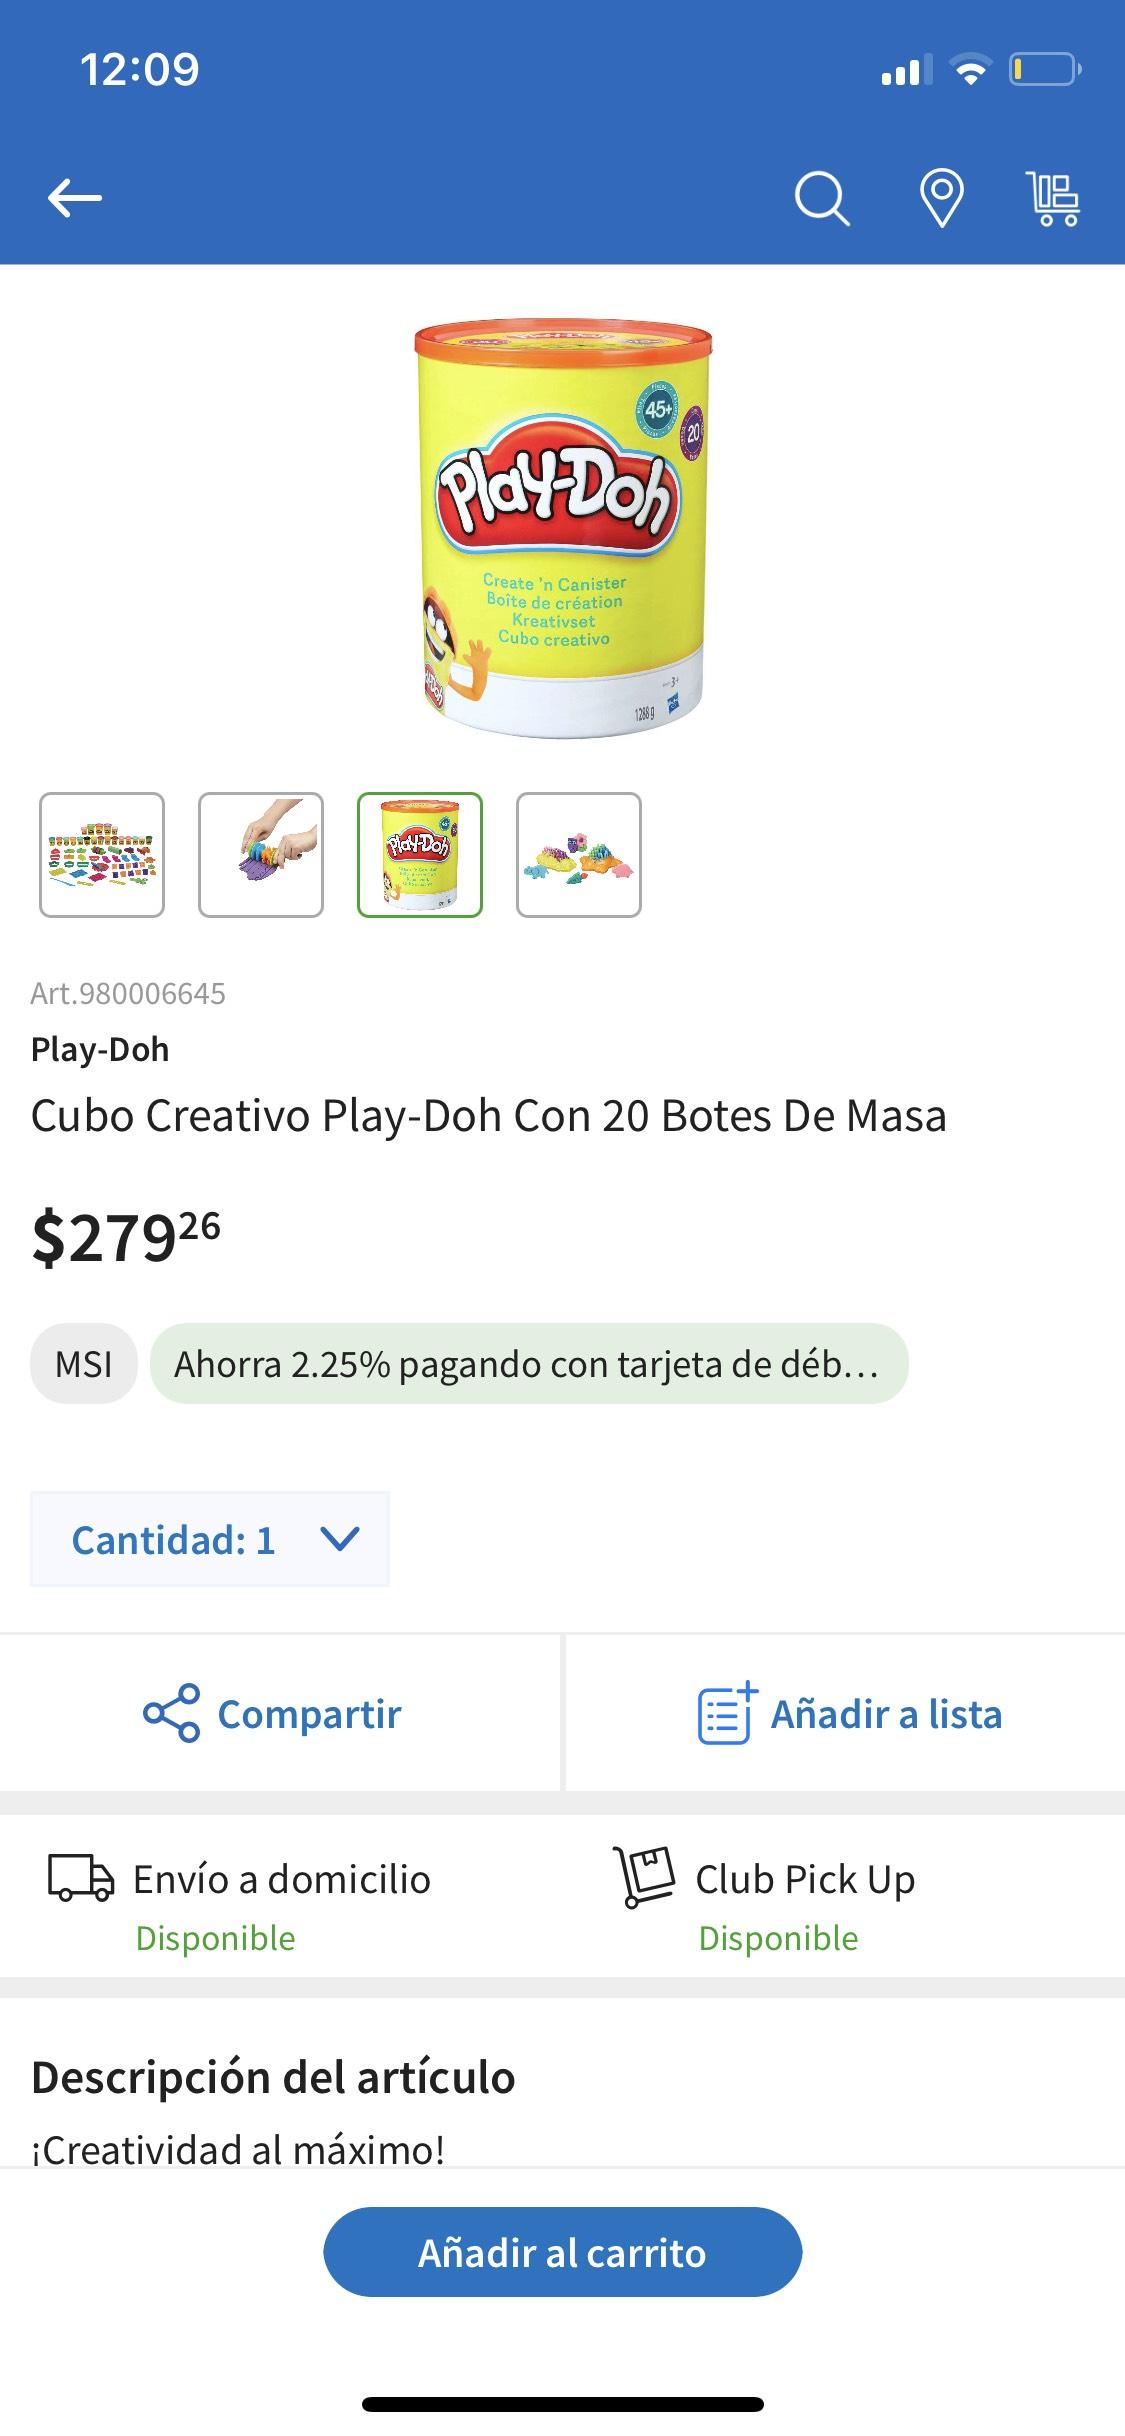 Sams Club: Cubo creativo Play-doh con 20 botes de plastilinas